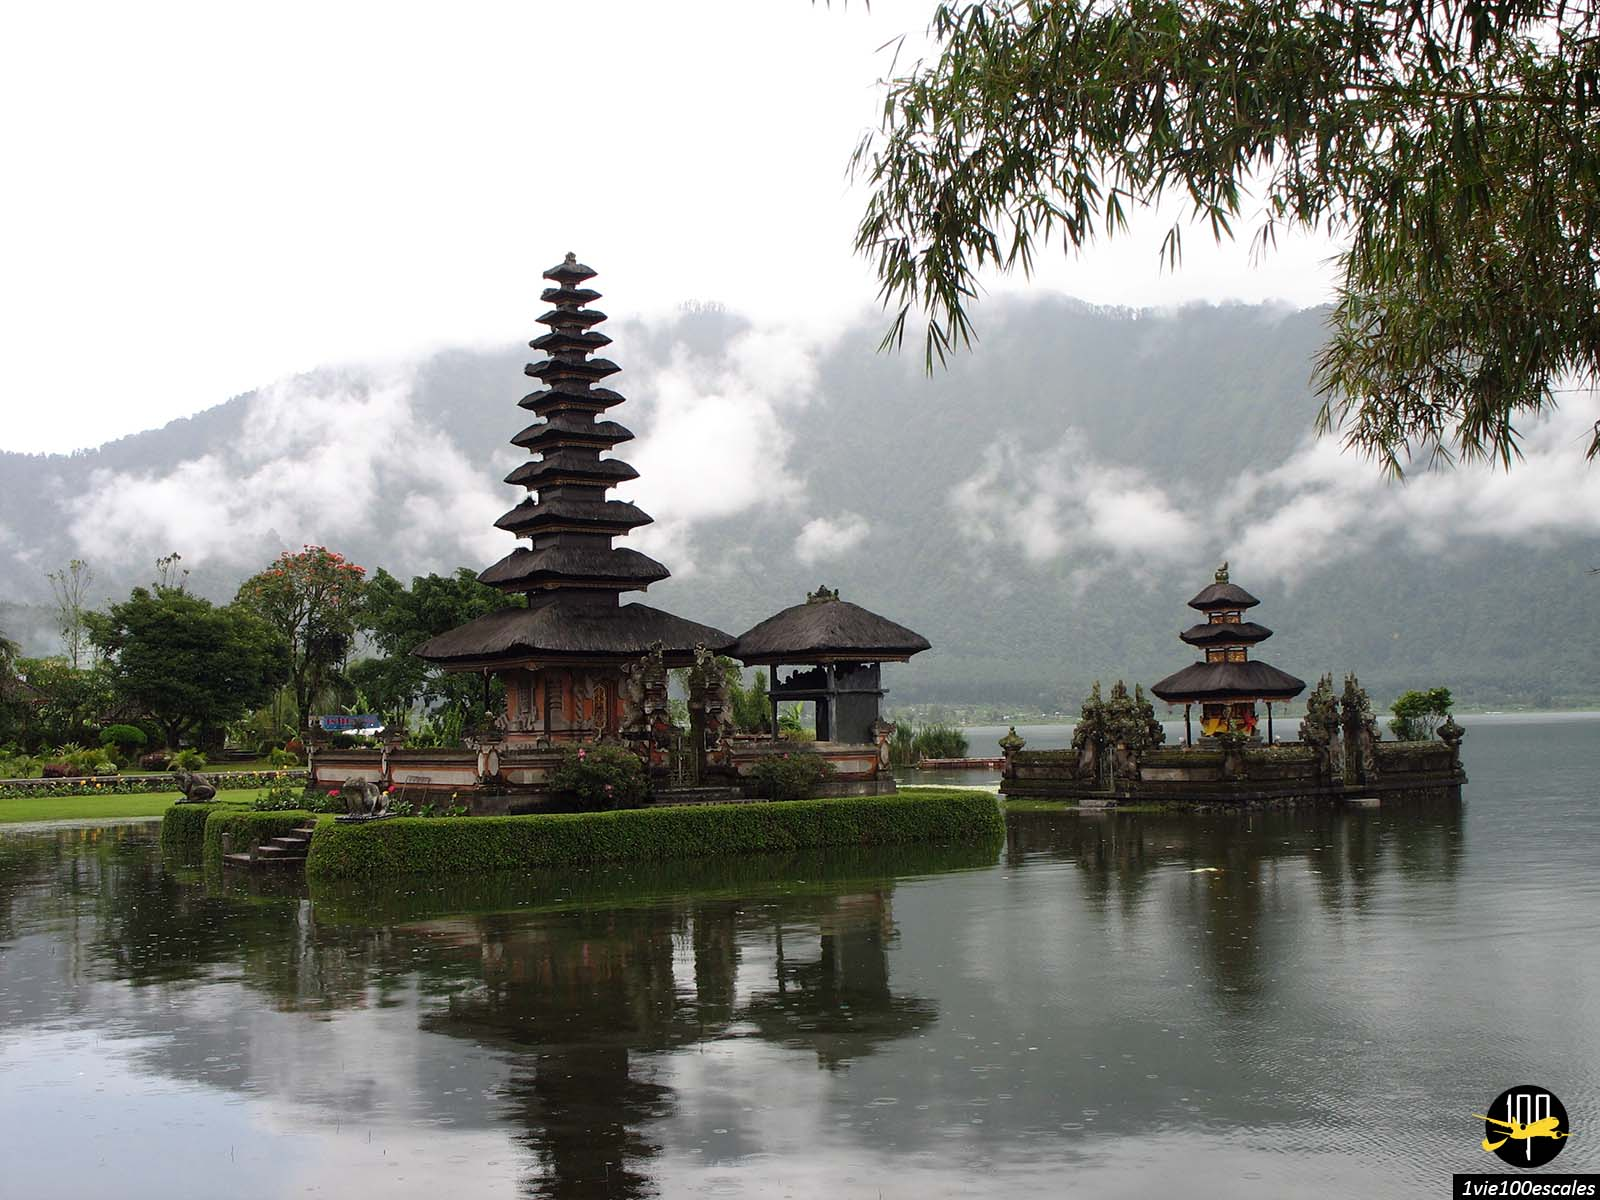 Escale #001 Bali